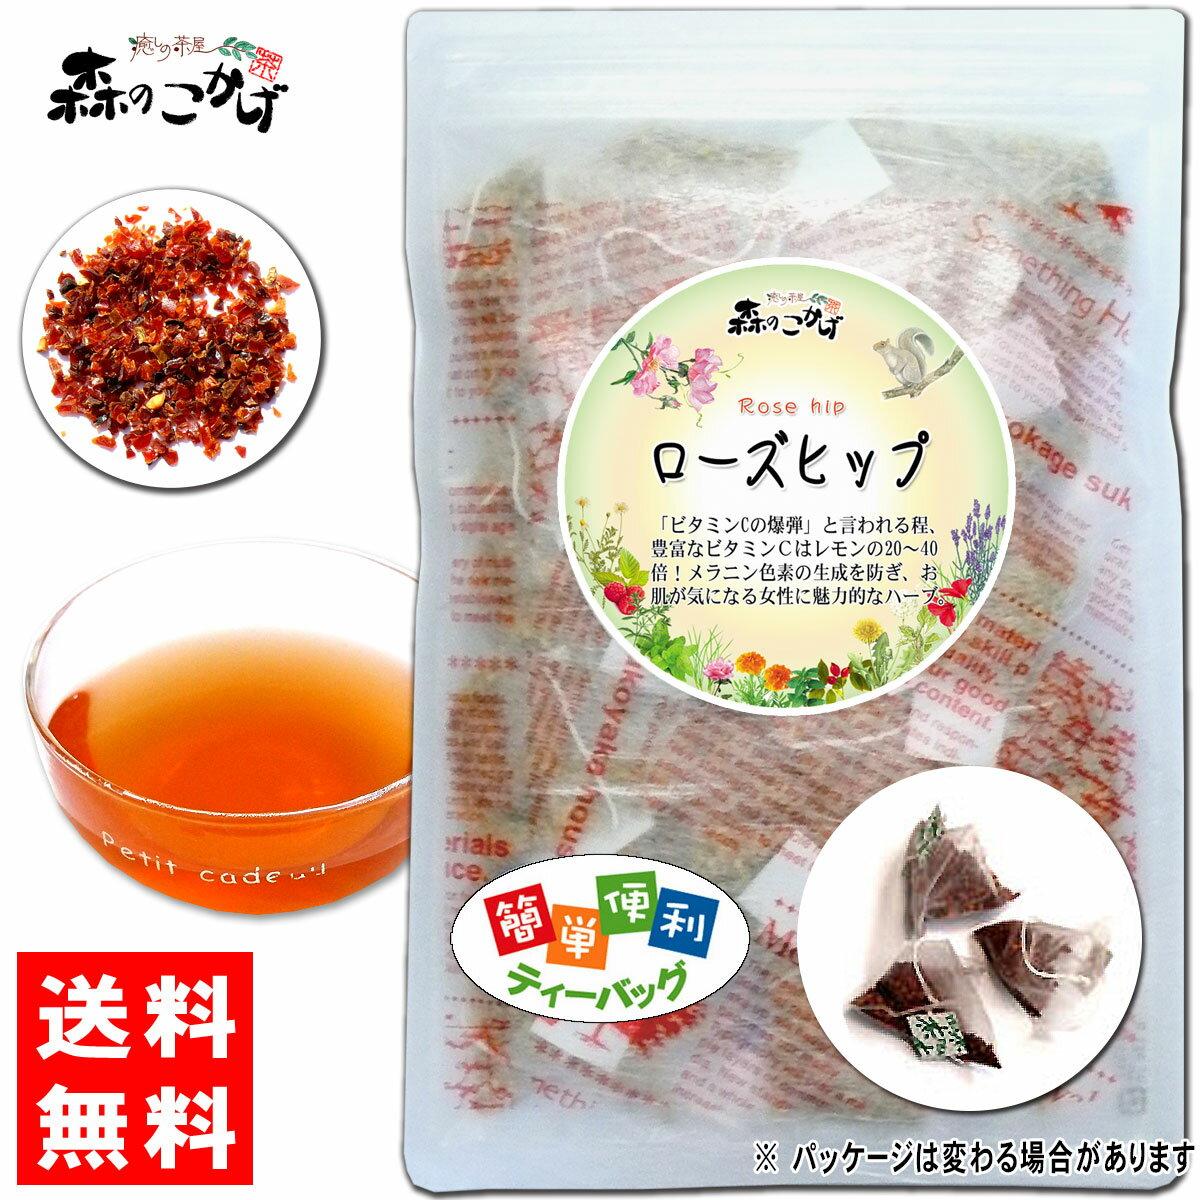 茶葉・ティーバッグ, ハーブティー 2 3g30p C